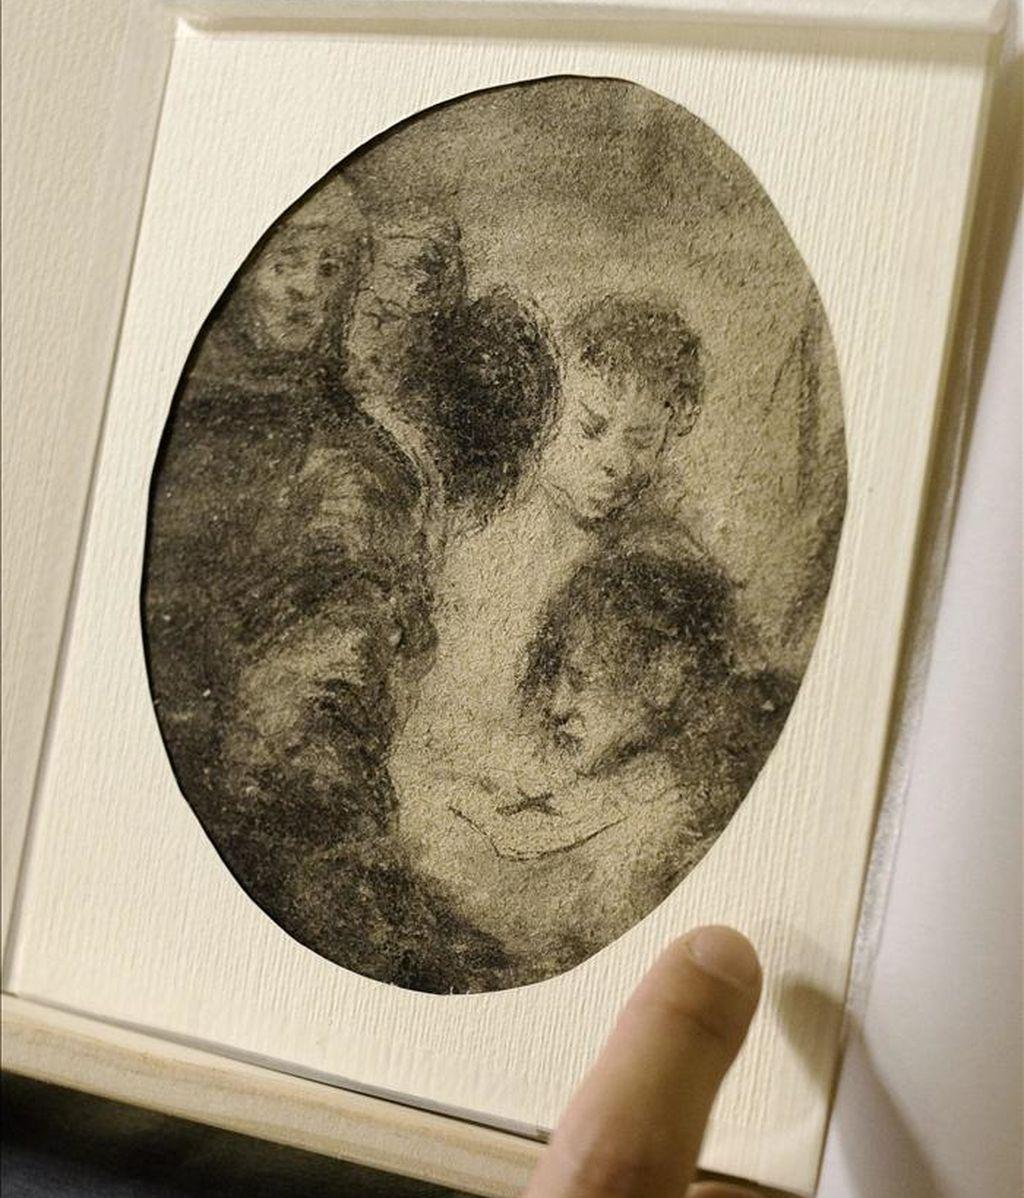 """Vista de la obra """"Escena de la Inquisición"""", de entre 1800 y 1828, atribuida al pintor aragonés Francisco de Goya, que ha sido presentada hoy por la Fundación Rafael Masó en el Ayuntamiento de Girona, procedente de una donación. EFE"""